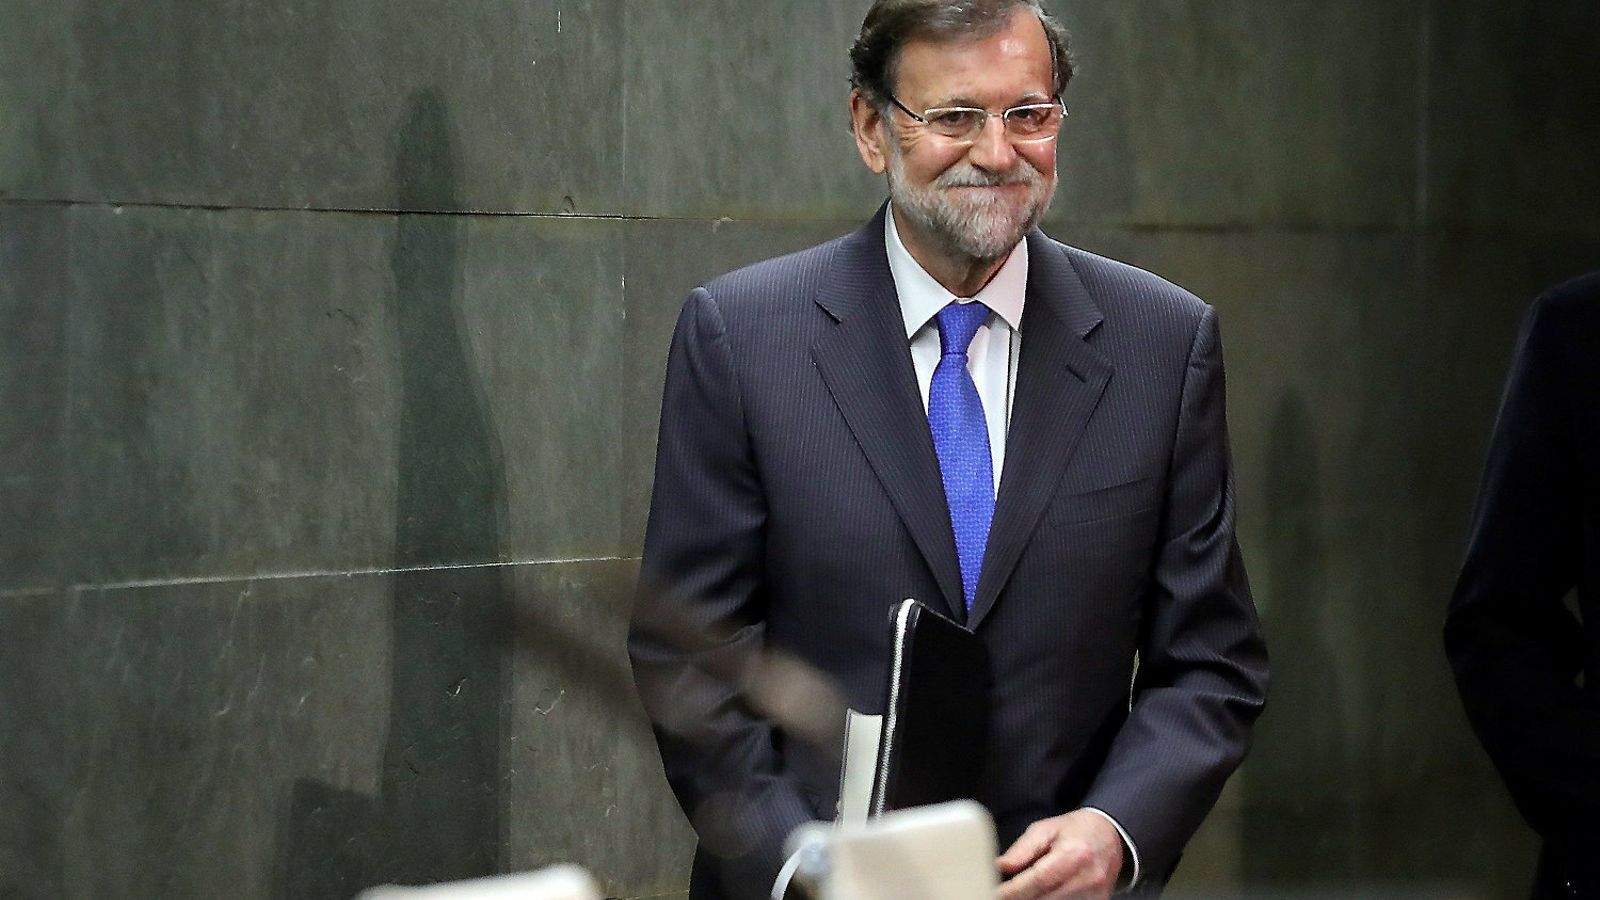 L'expresident del govern espanyol Mariano Rajoy ahir durant la presentació del seu llibre de memòries.